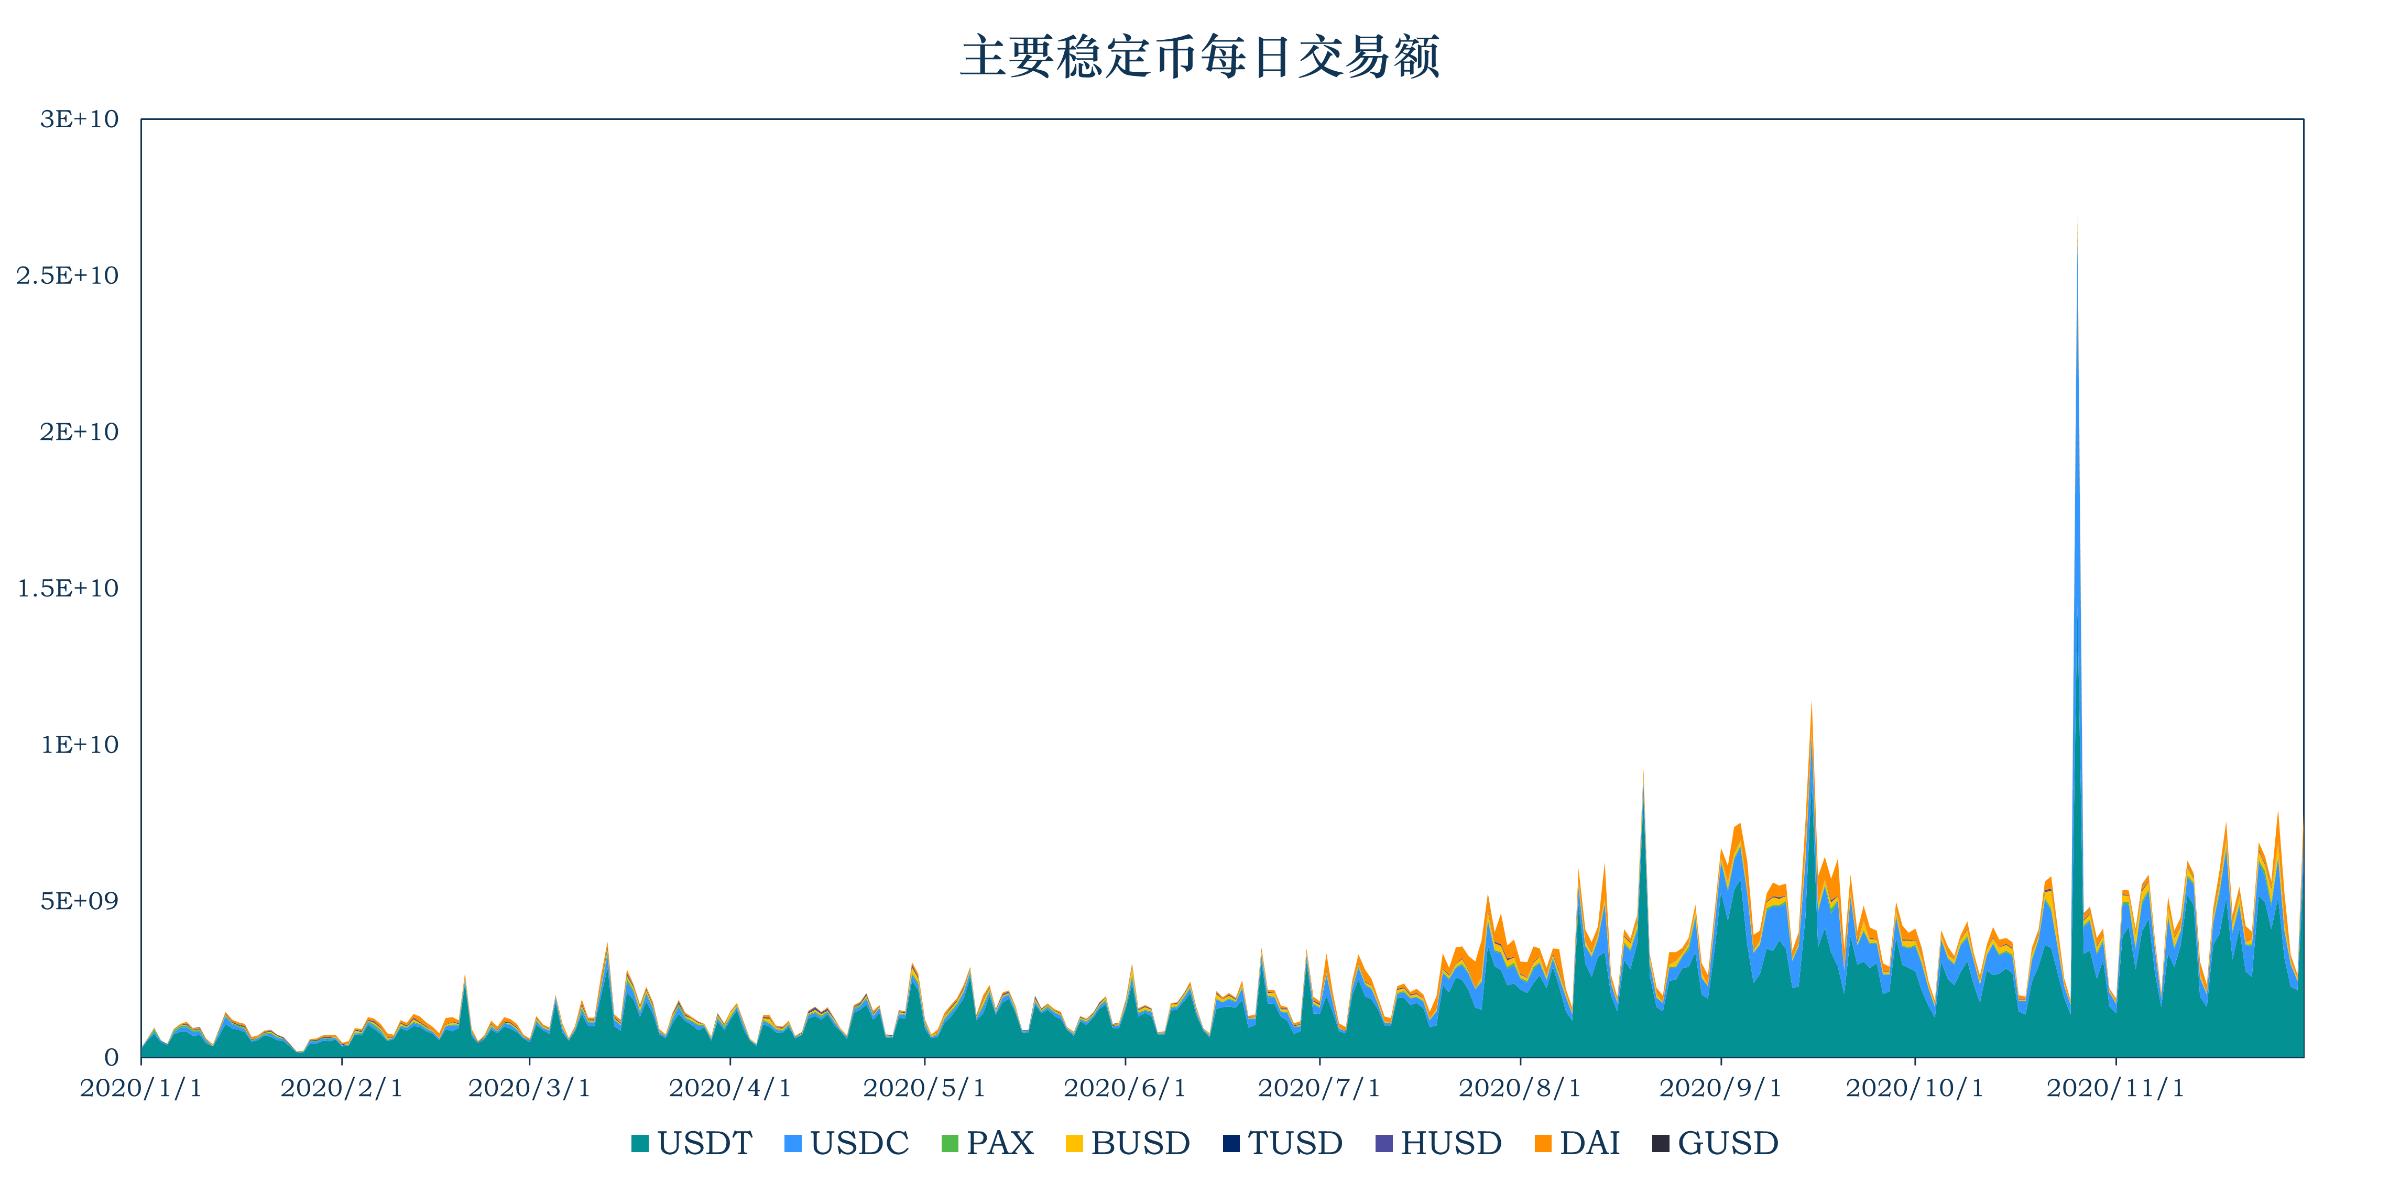 报告:稳定币加速出圈,流通市值超过250亿美元,单月大增14.1%